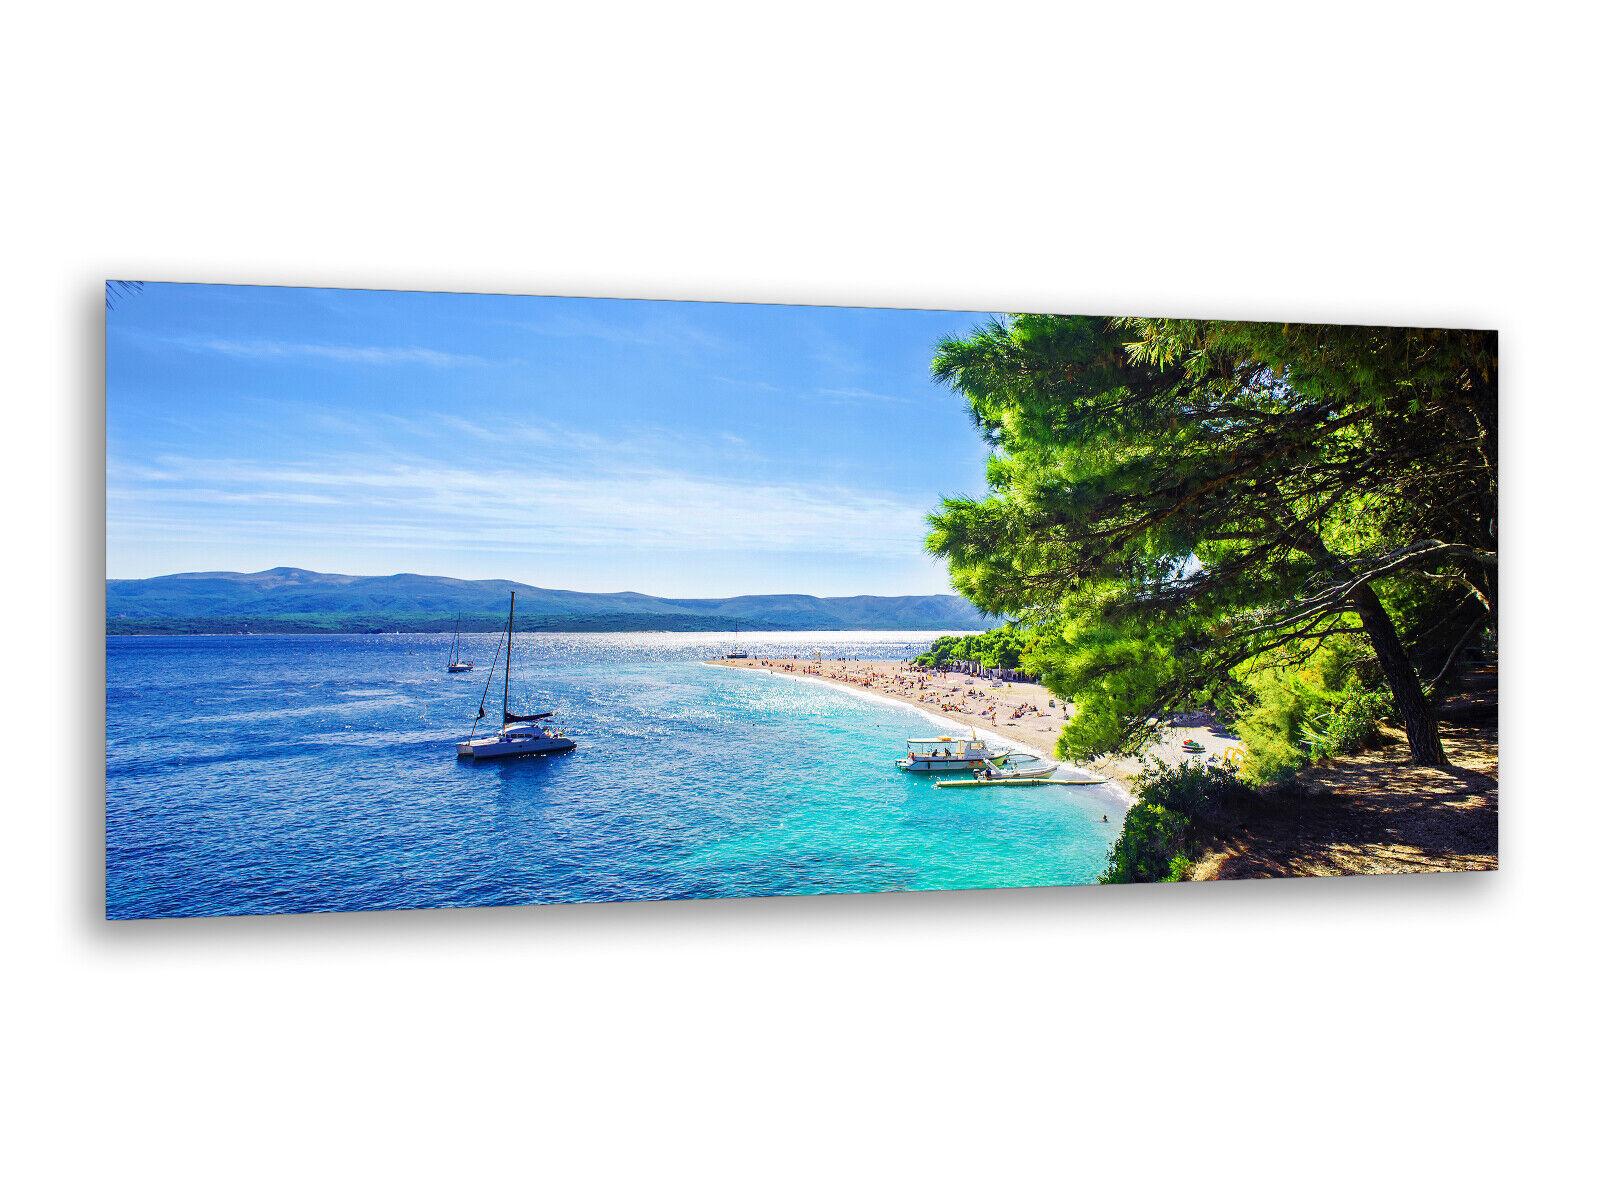 Immagini di vetro immagini parete 125 x 50cm Croazia costa ag312502873